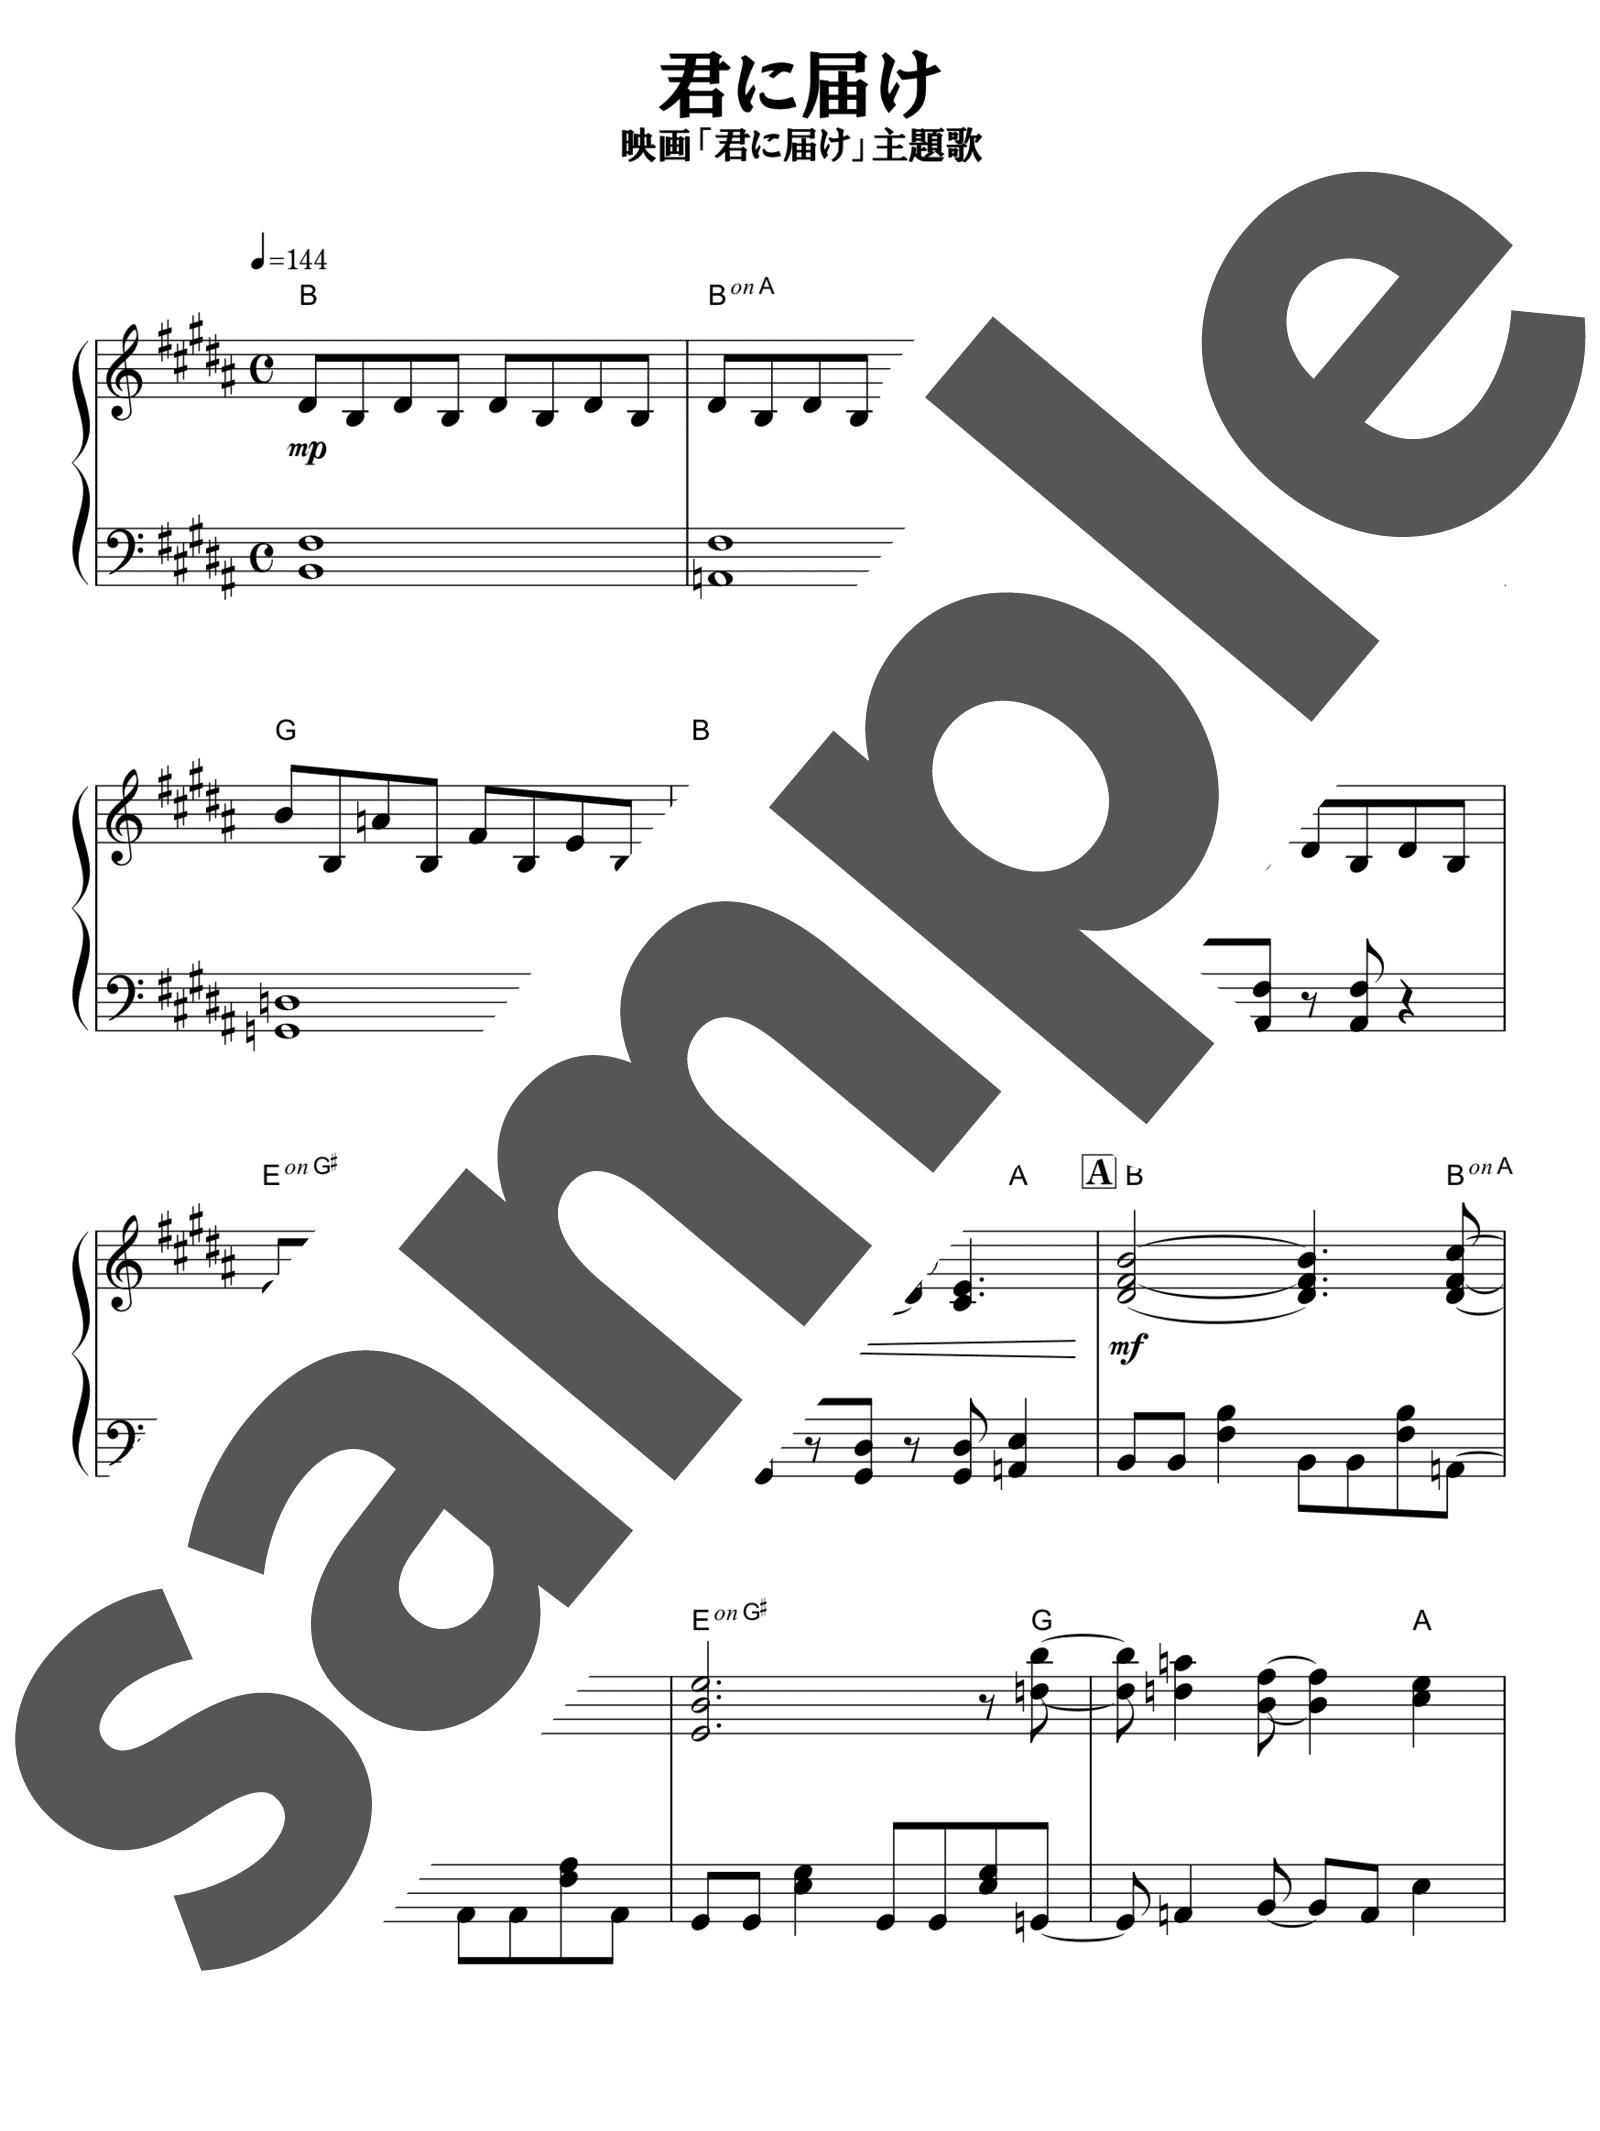 「君に届け」のサンプル楽譜